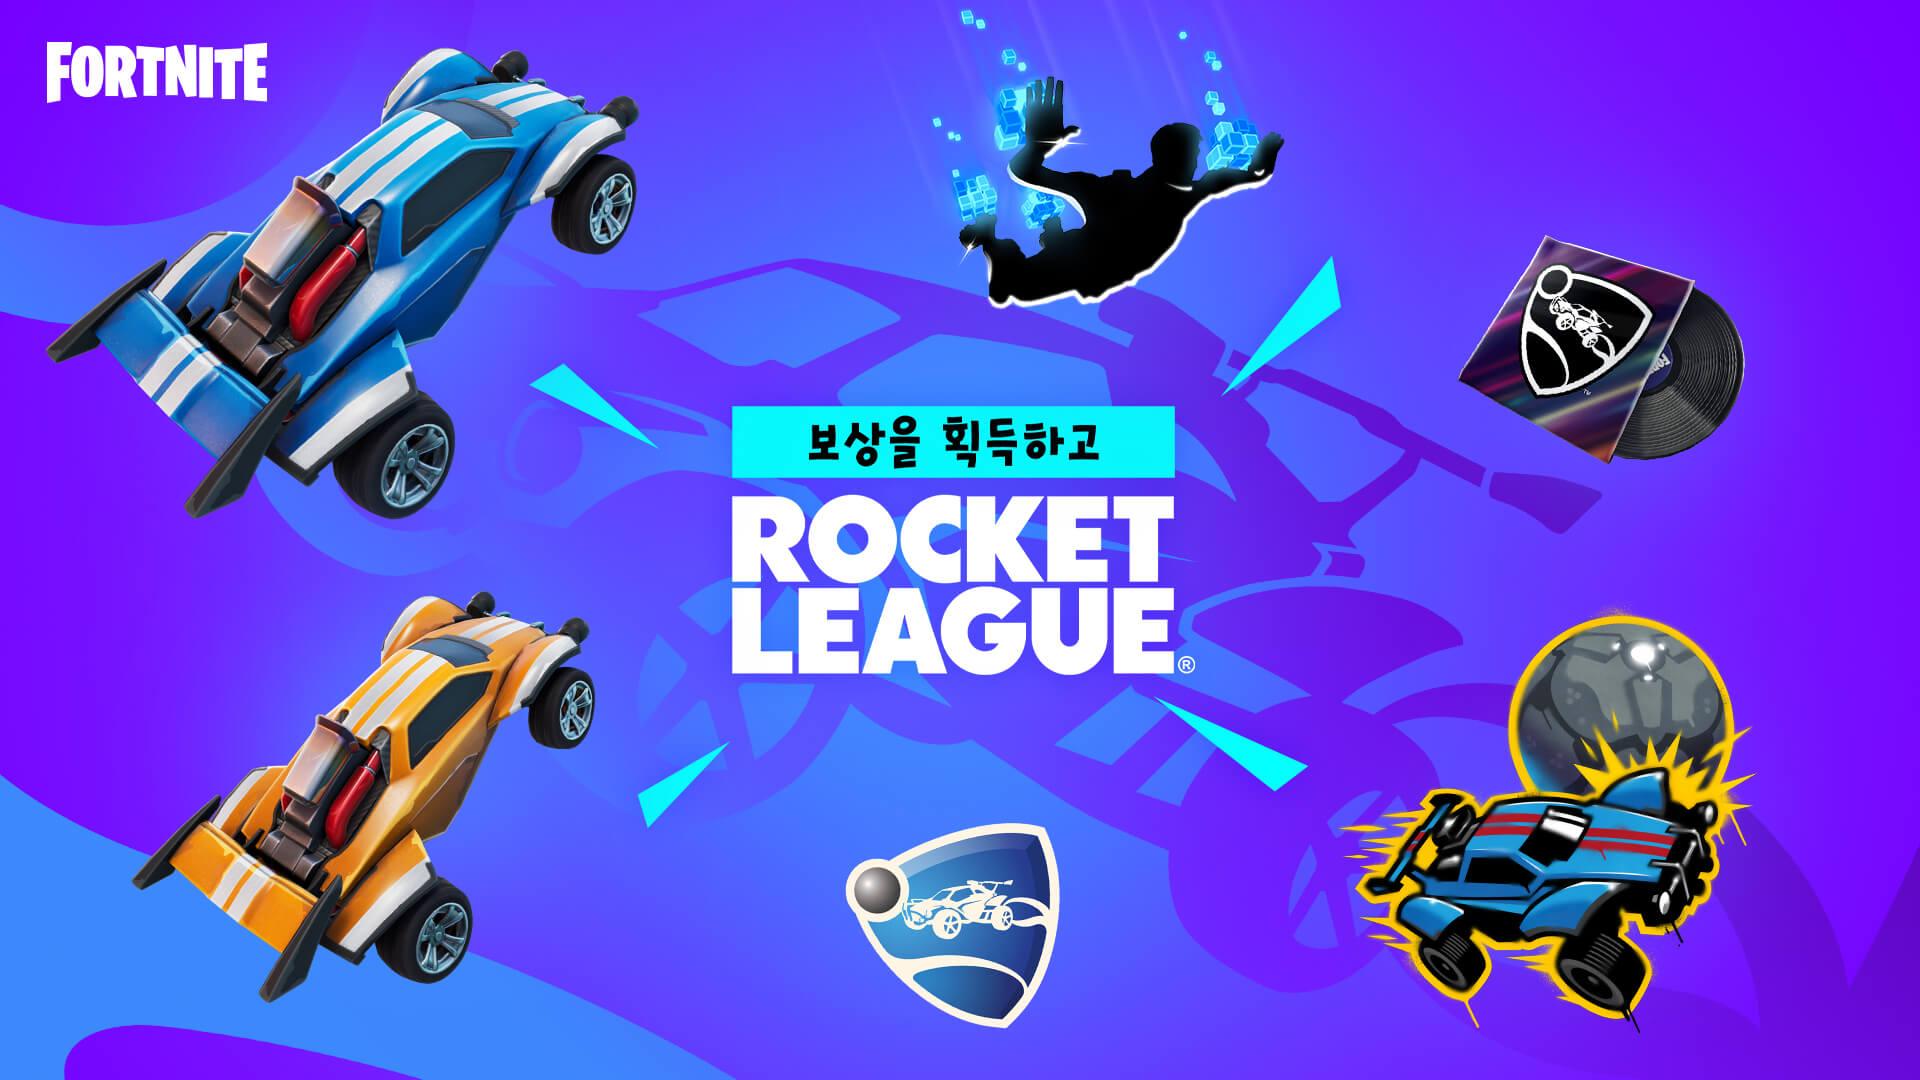 KR 14BR Rocket League Fortnite Challenges And Rewards